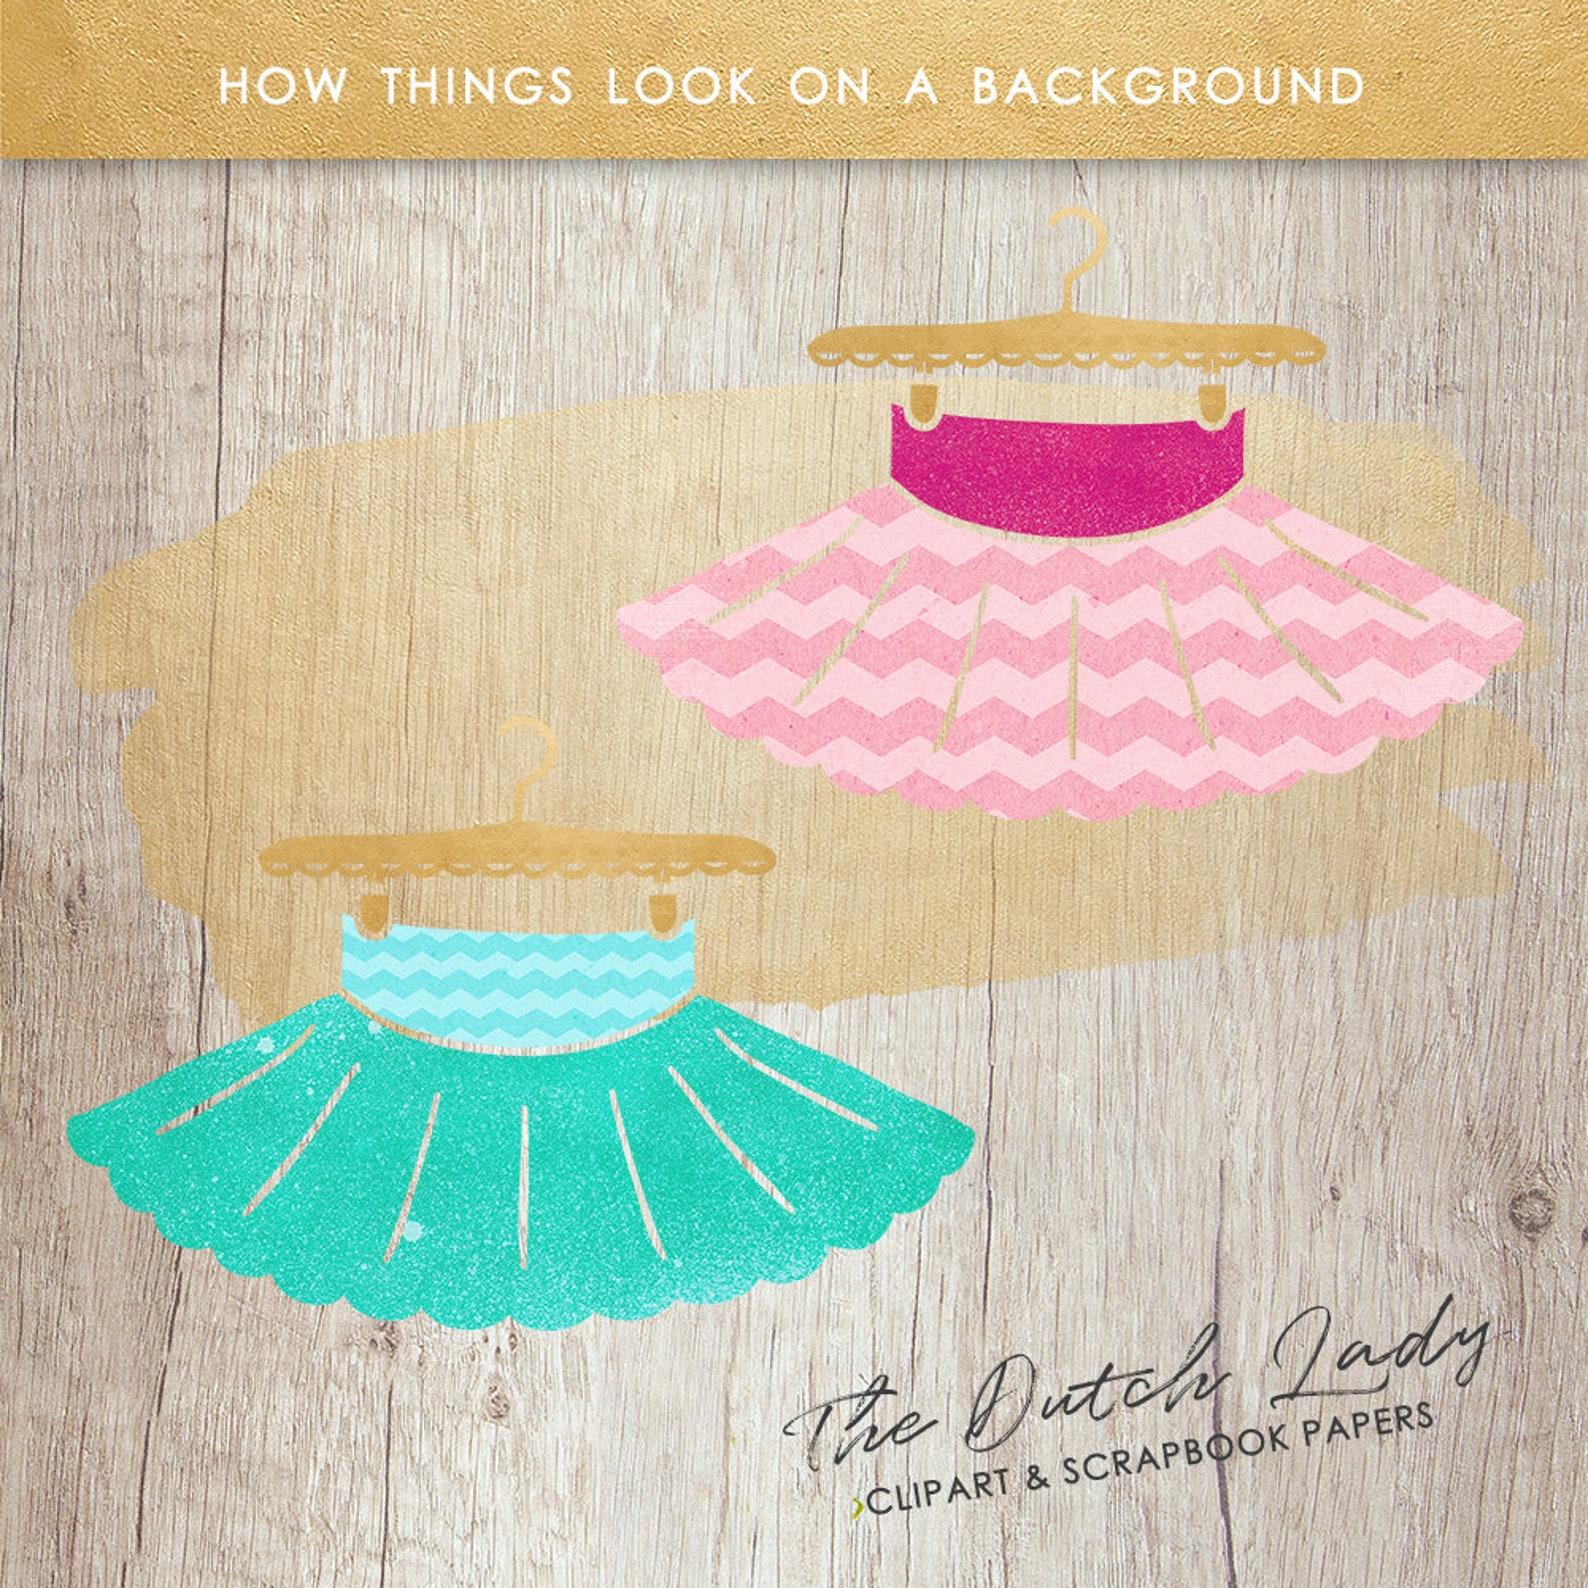 ballerina clipart set - watercolor ballet images - dancing graphics - kids clipart - pink & aqua - instant download - 25 .png fi